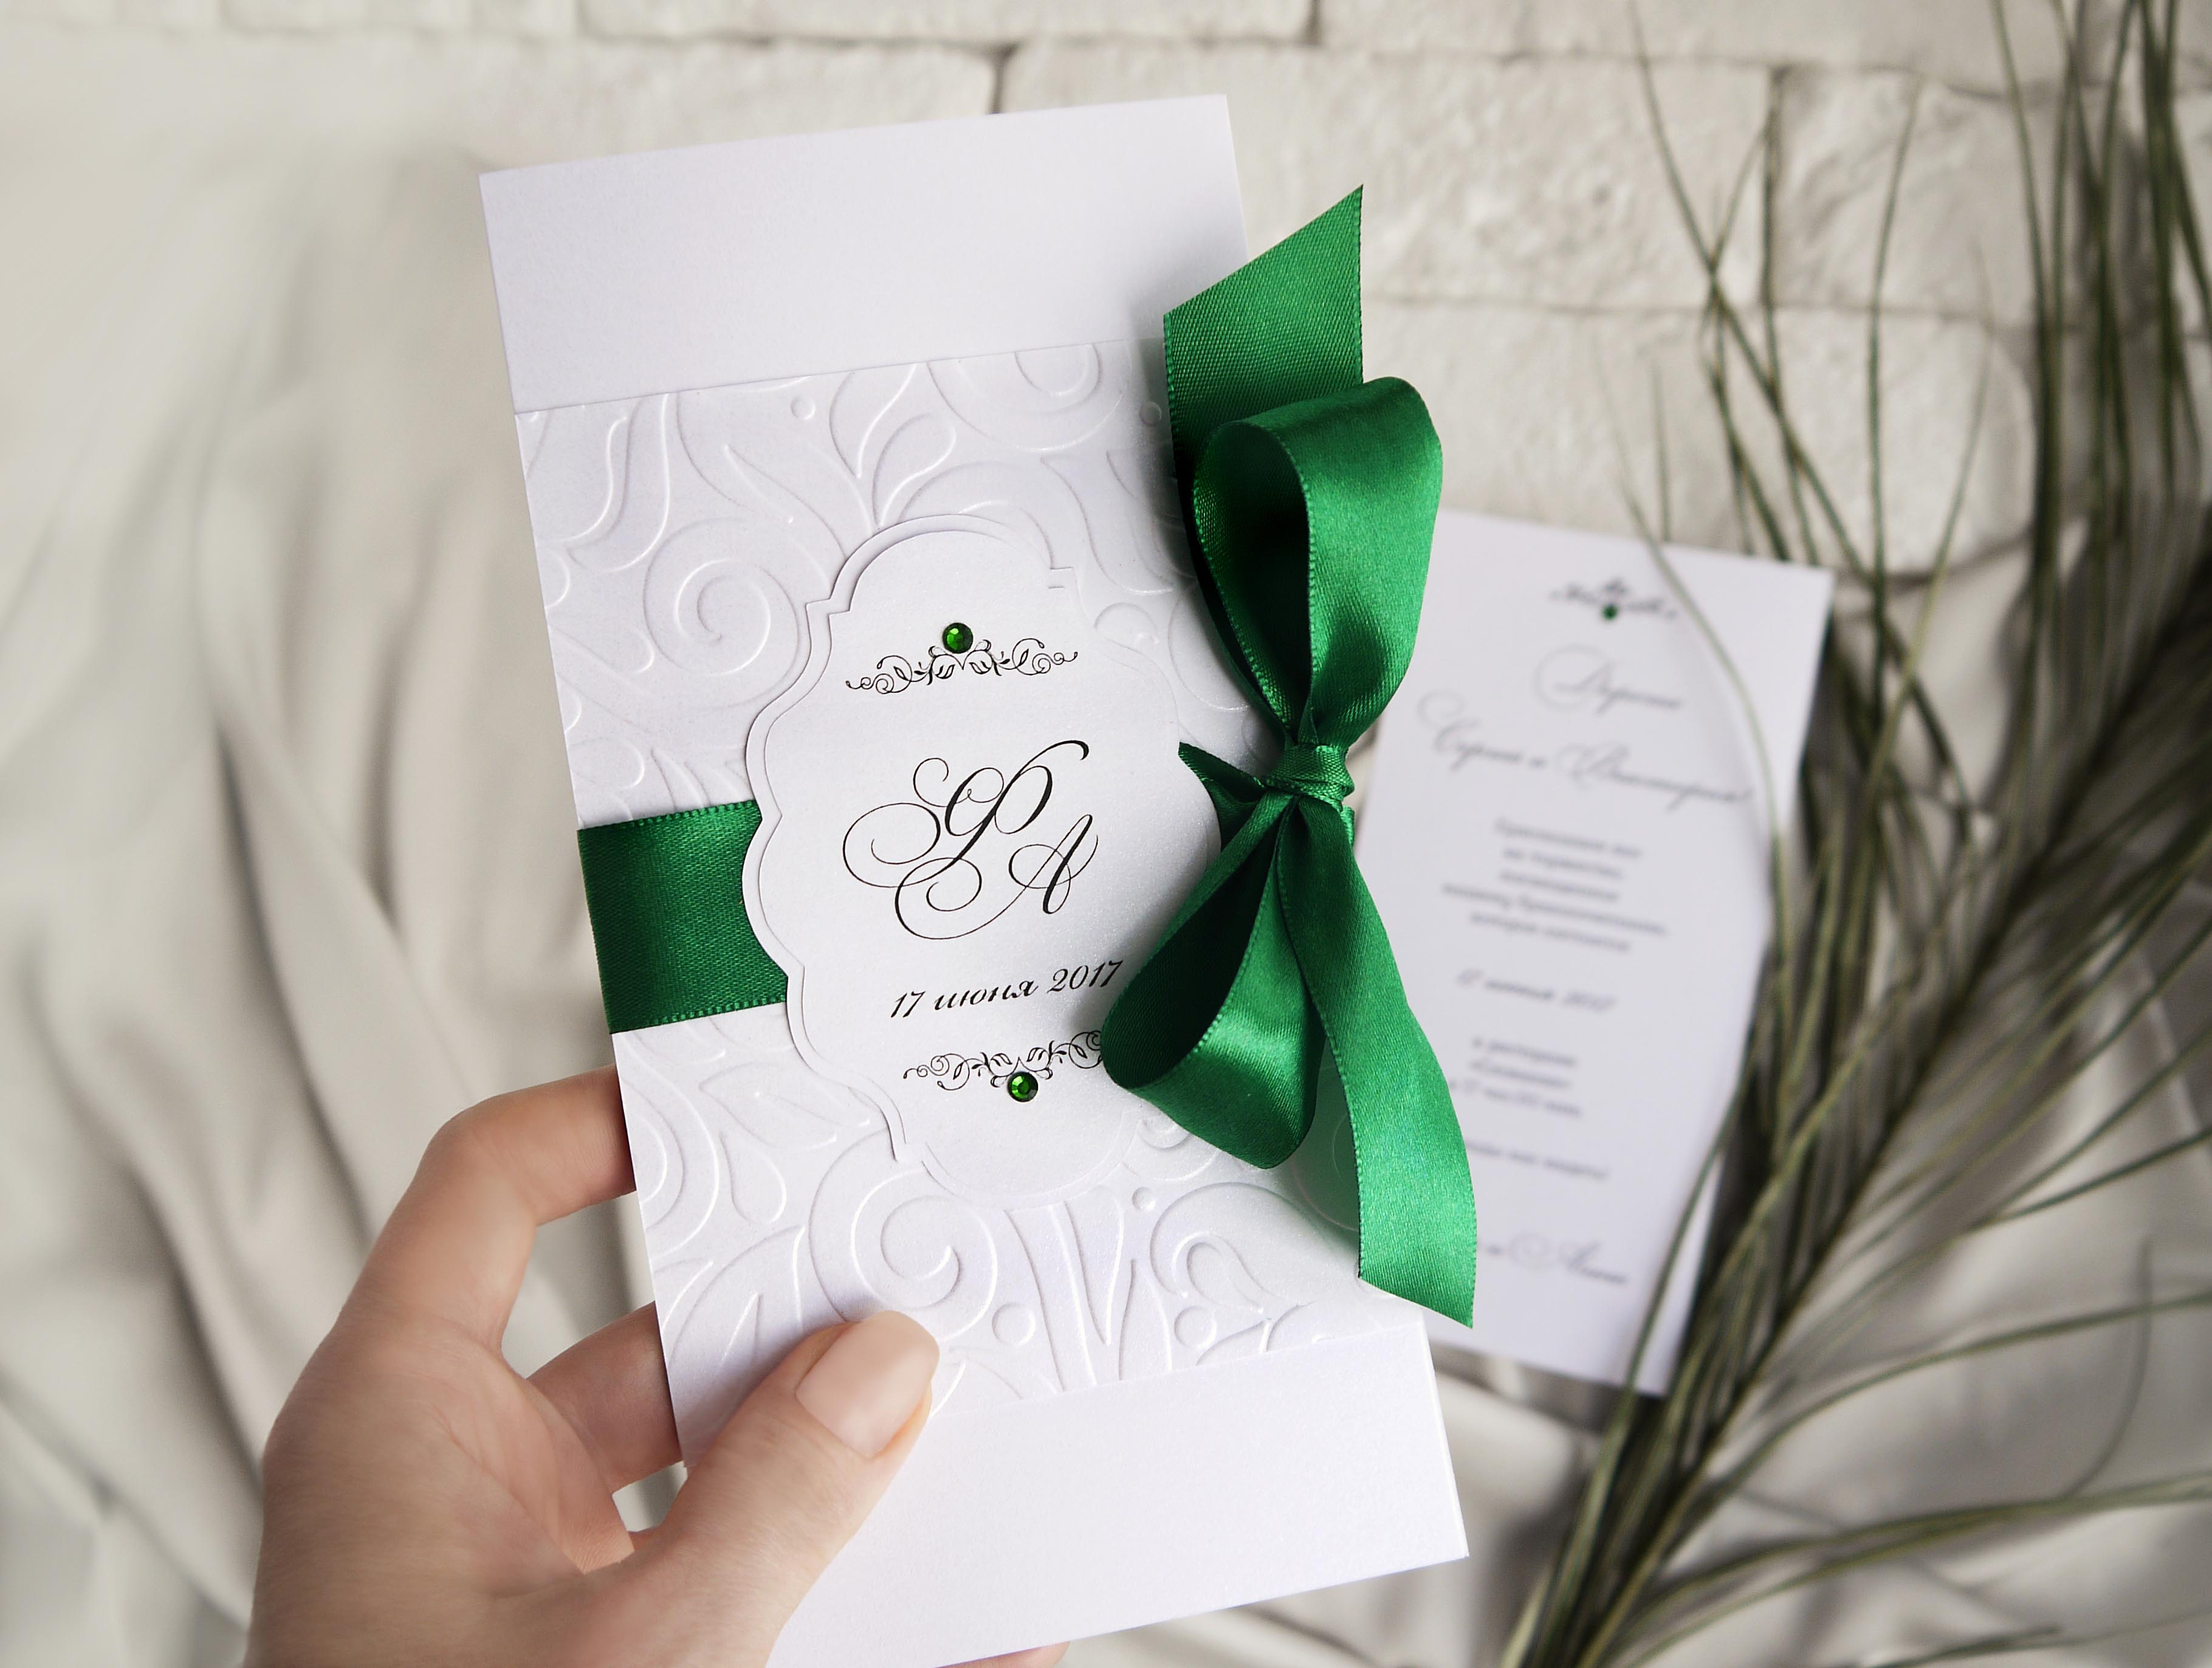 Картинках, как сделать открытку приглашение на свадьбу